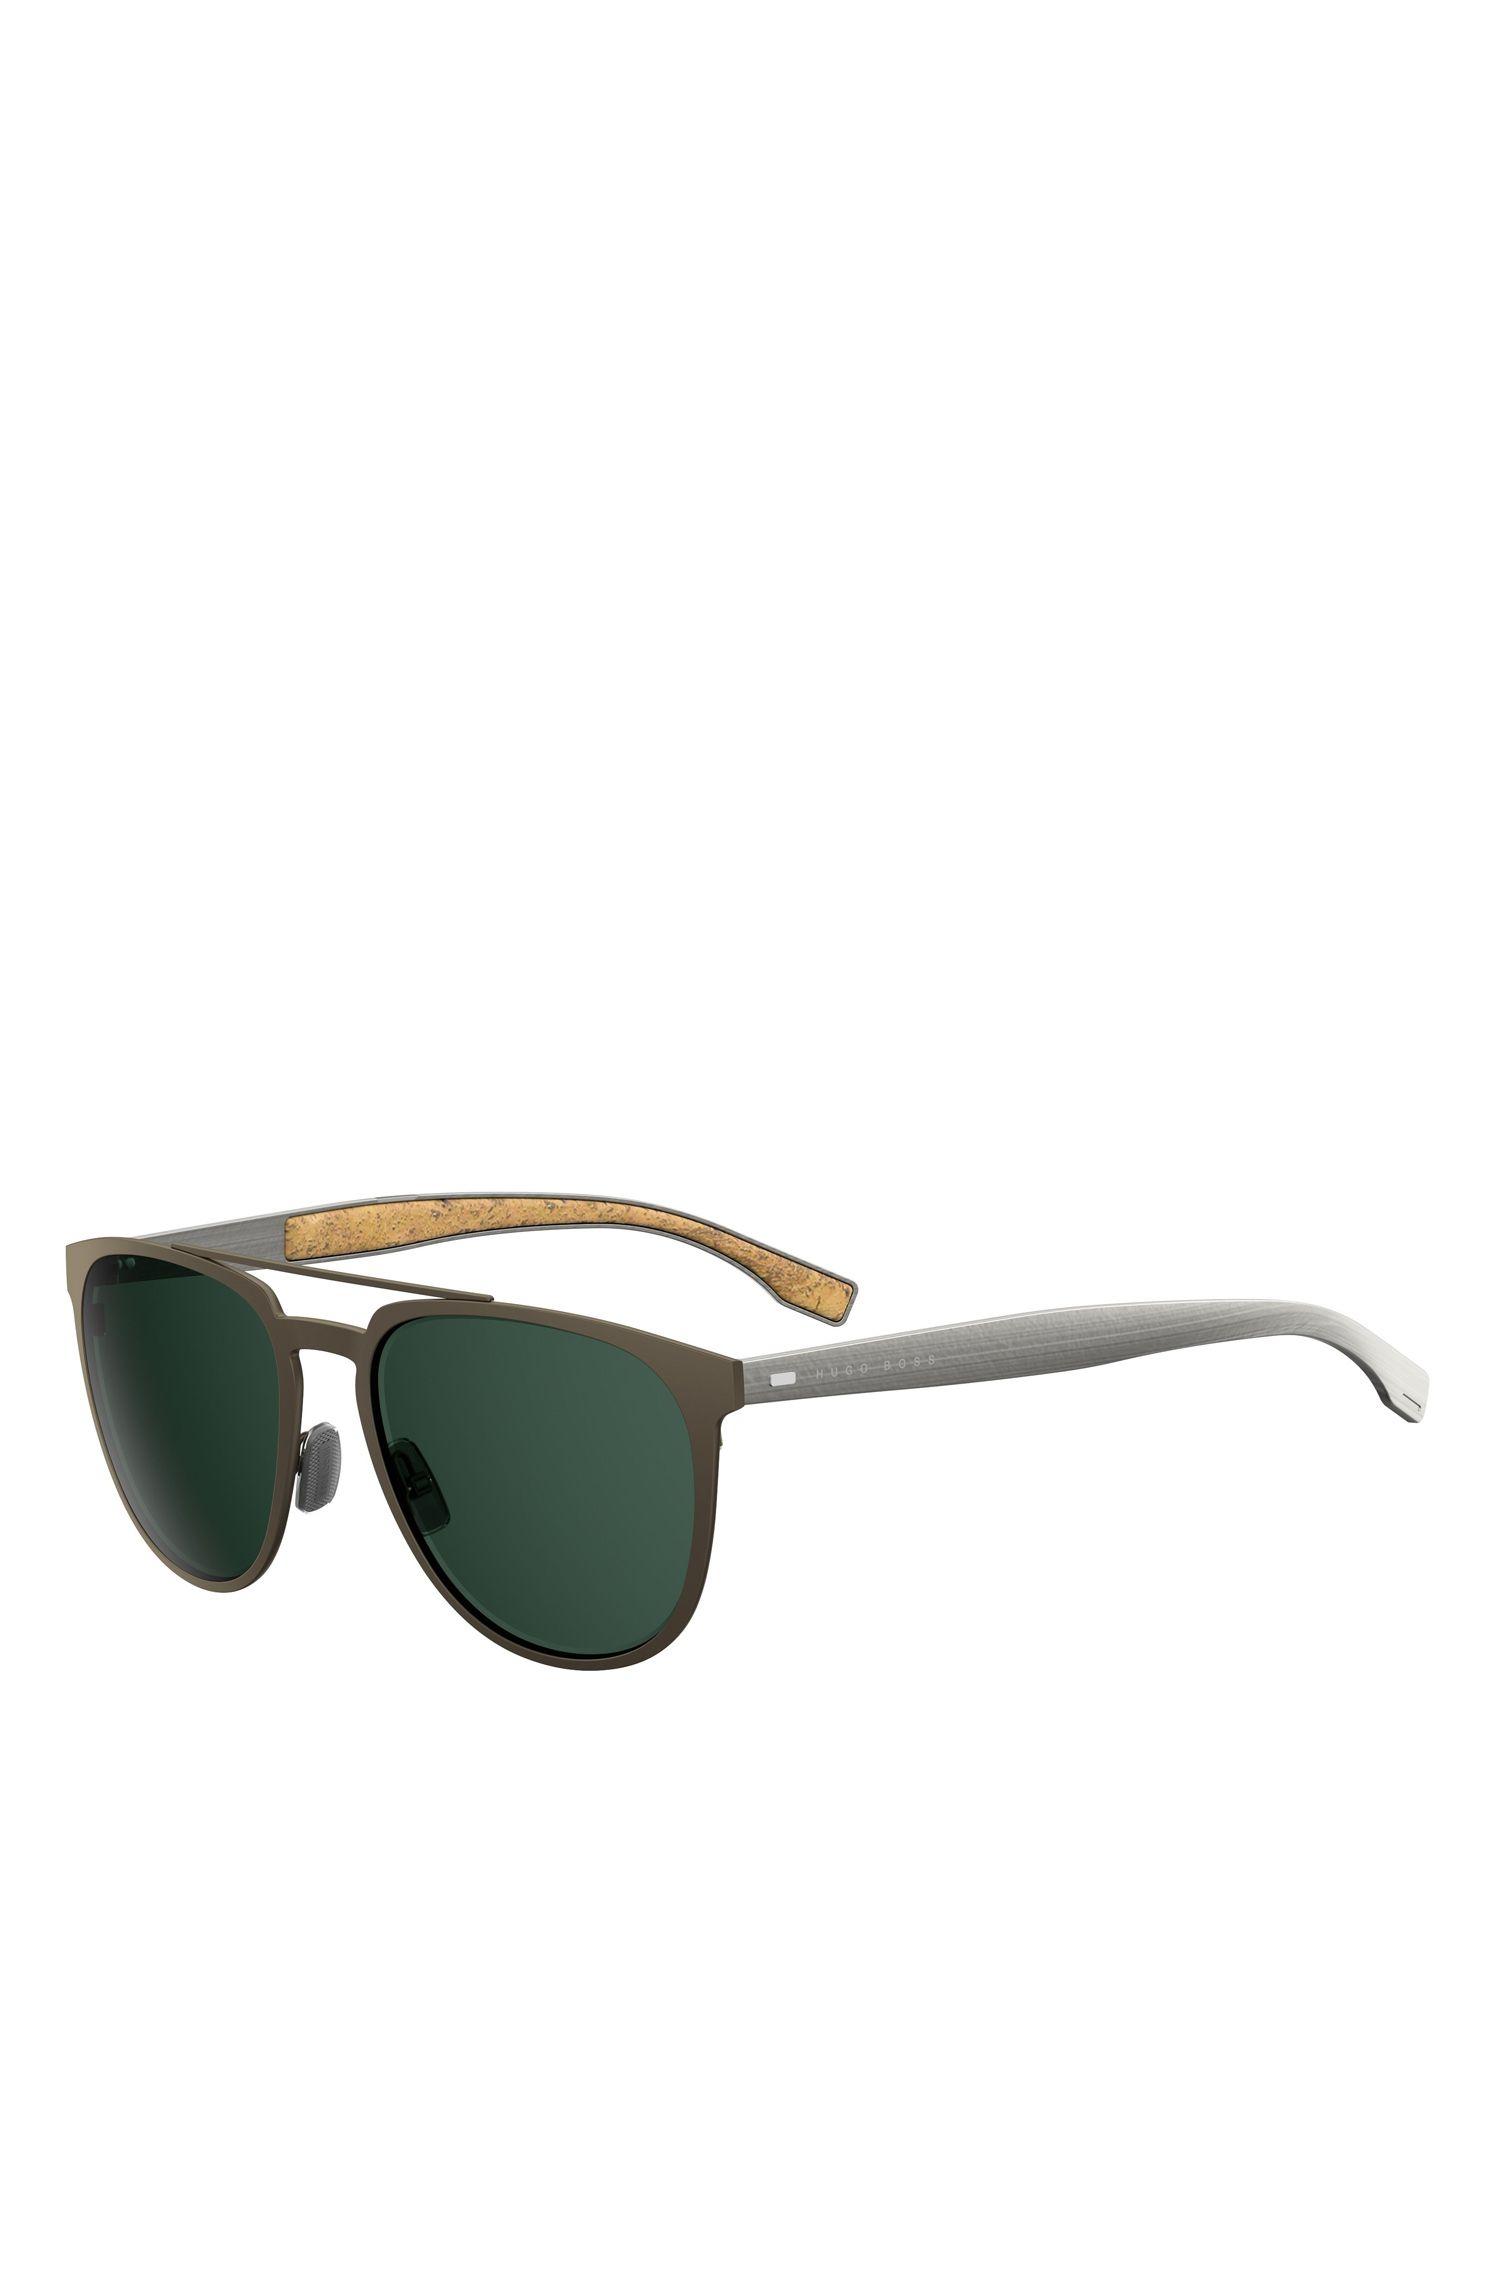 Dark Brown Round Metal Sunglasses | BOSS 0882S